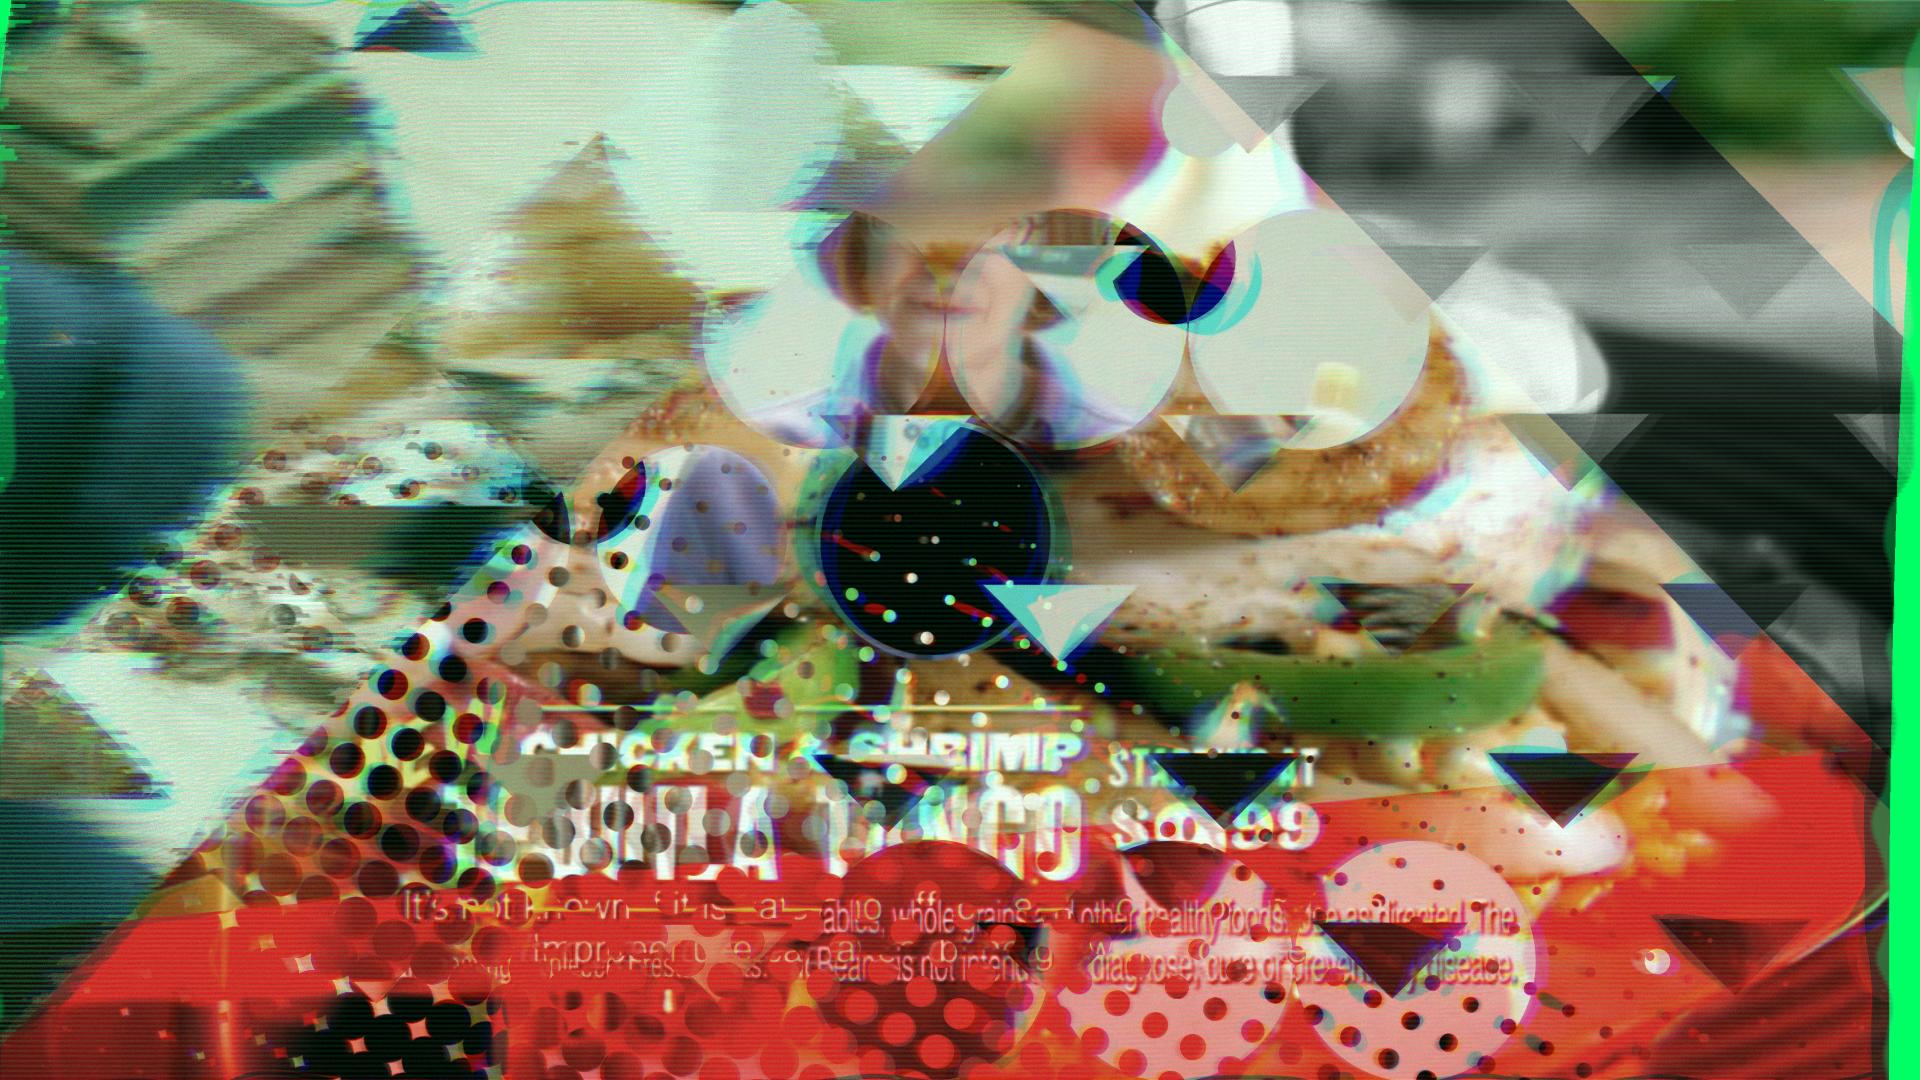 SV_Upfrt_F07.jpg